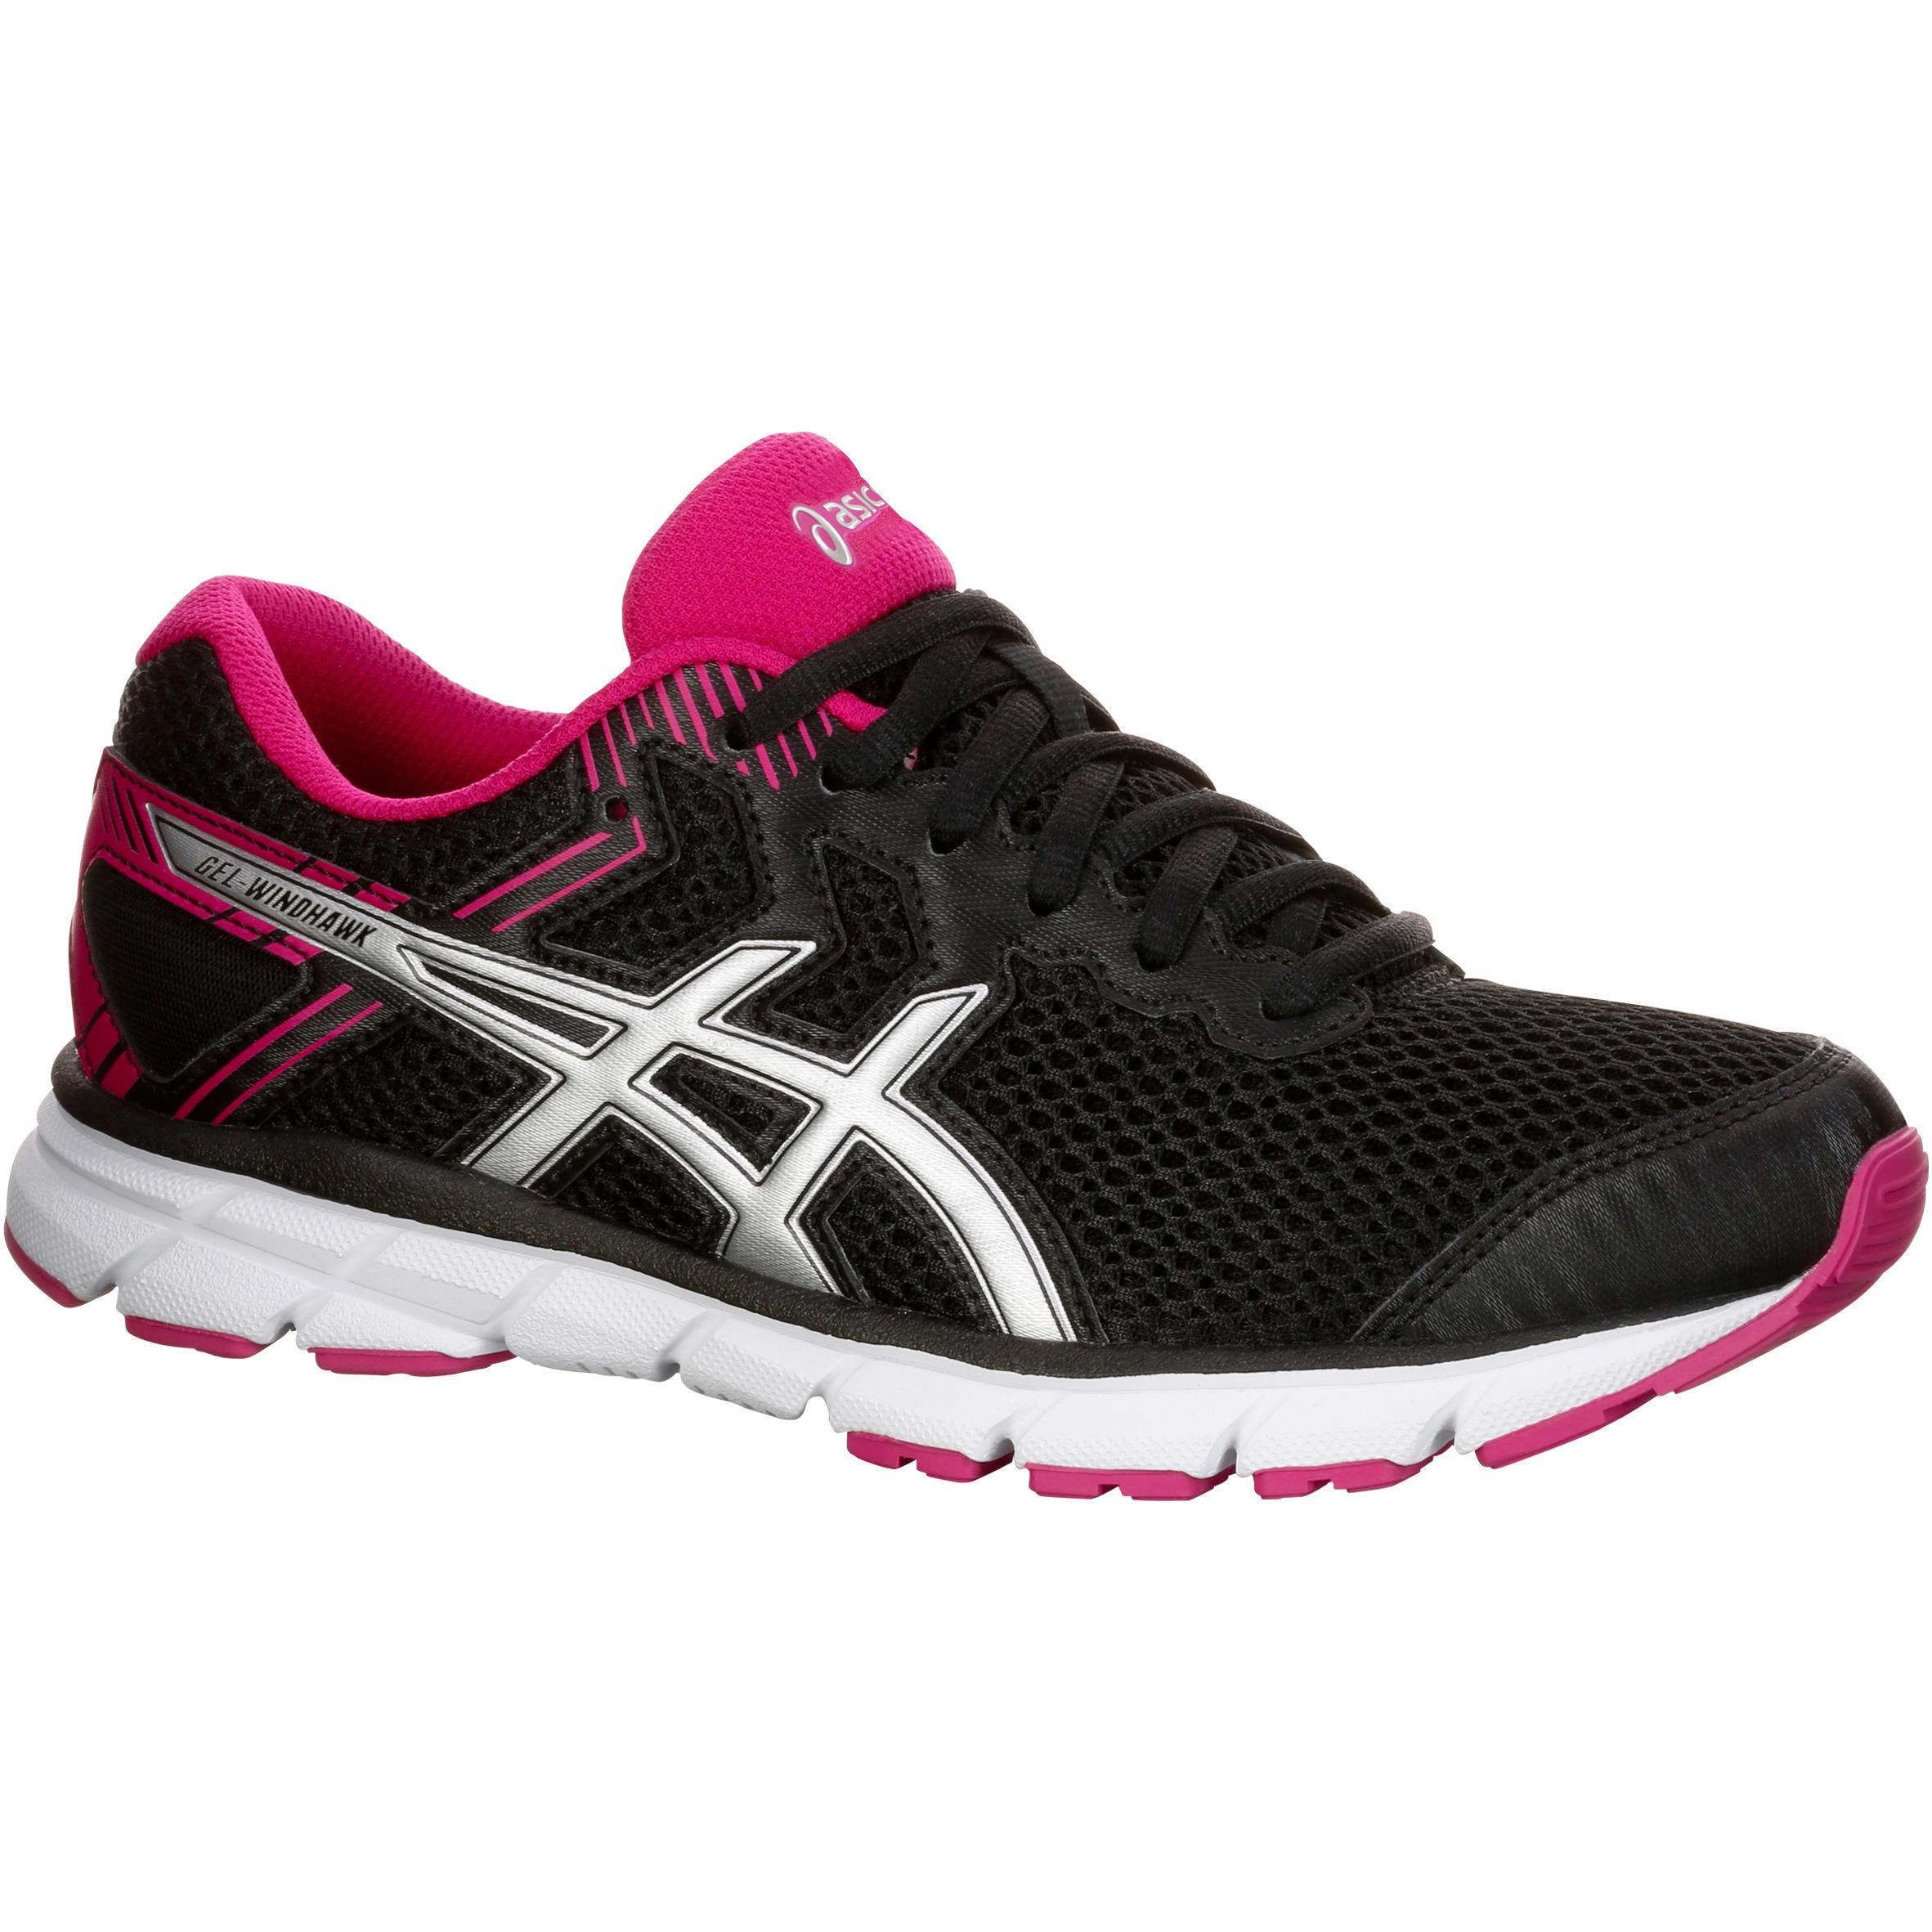 chaussure running course à pied femme ASICS GEL WINDHAWK noir rose